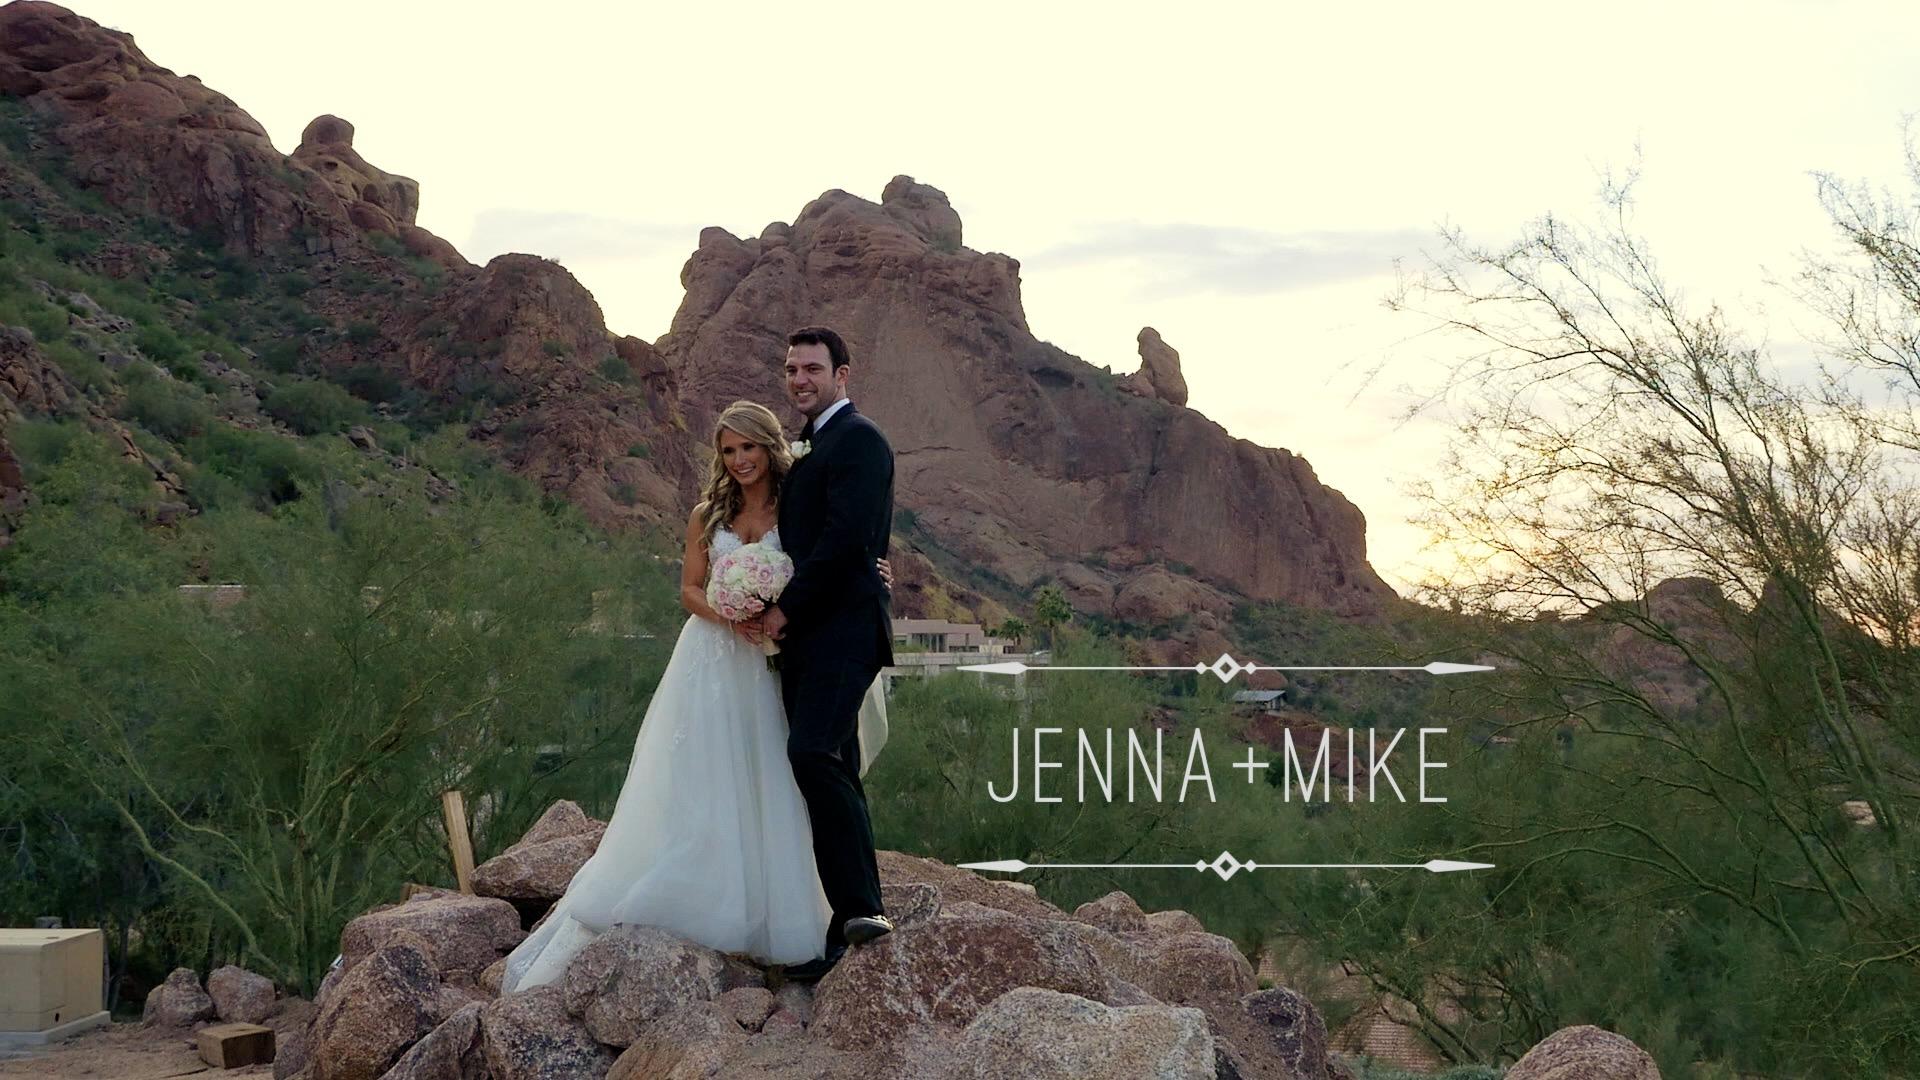 Jenna + Mike | Paradise Valley, Arizona | Sancuary at Camelback Mountain